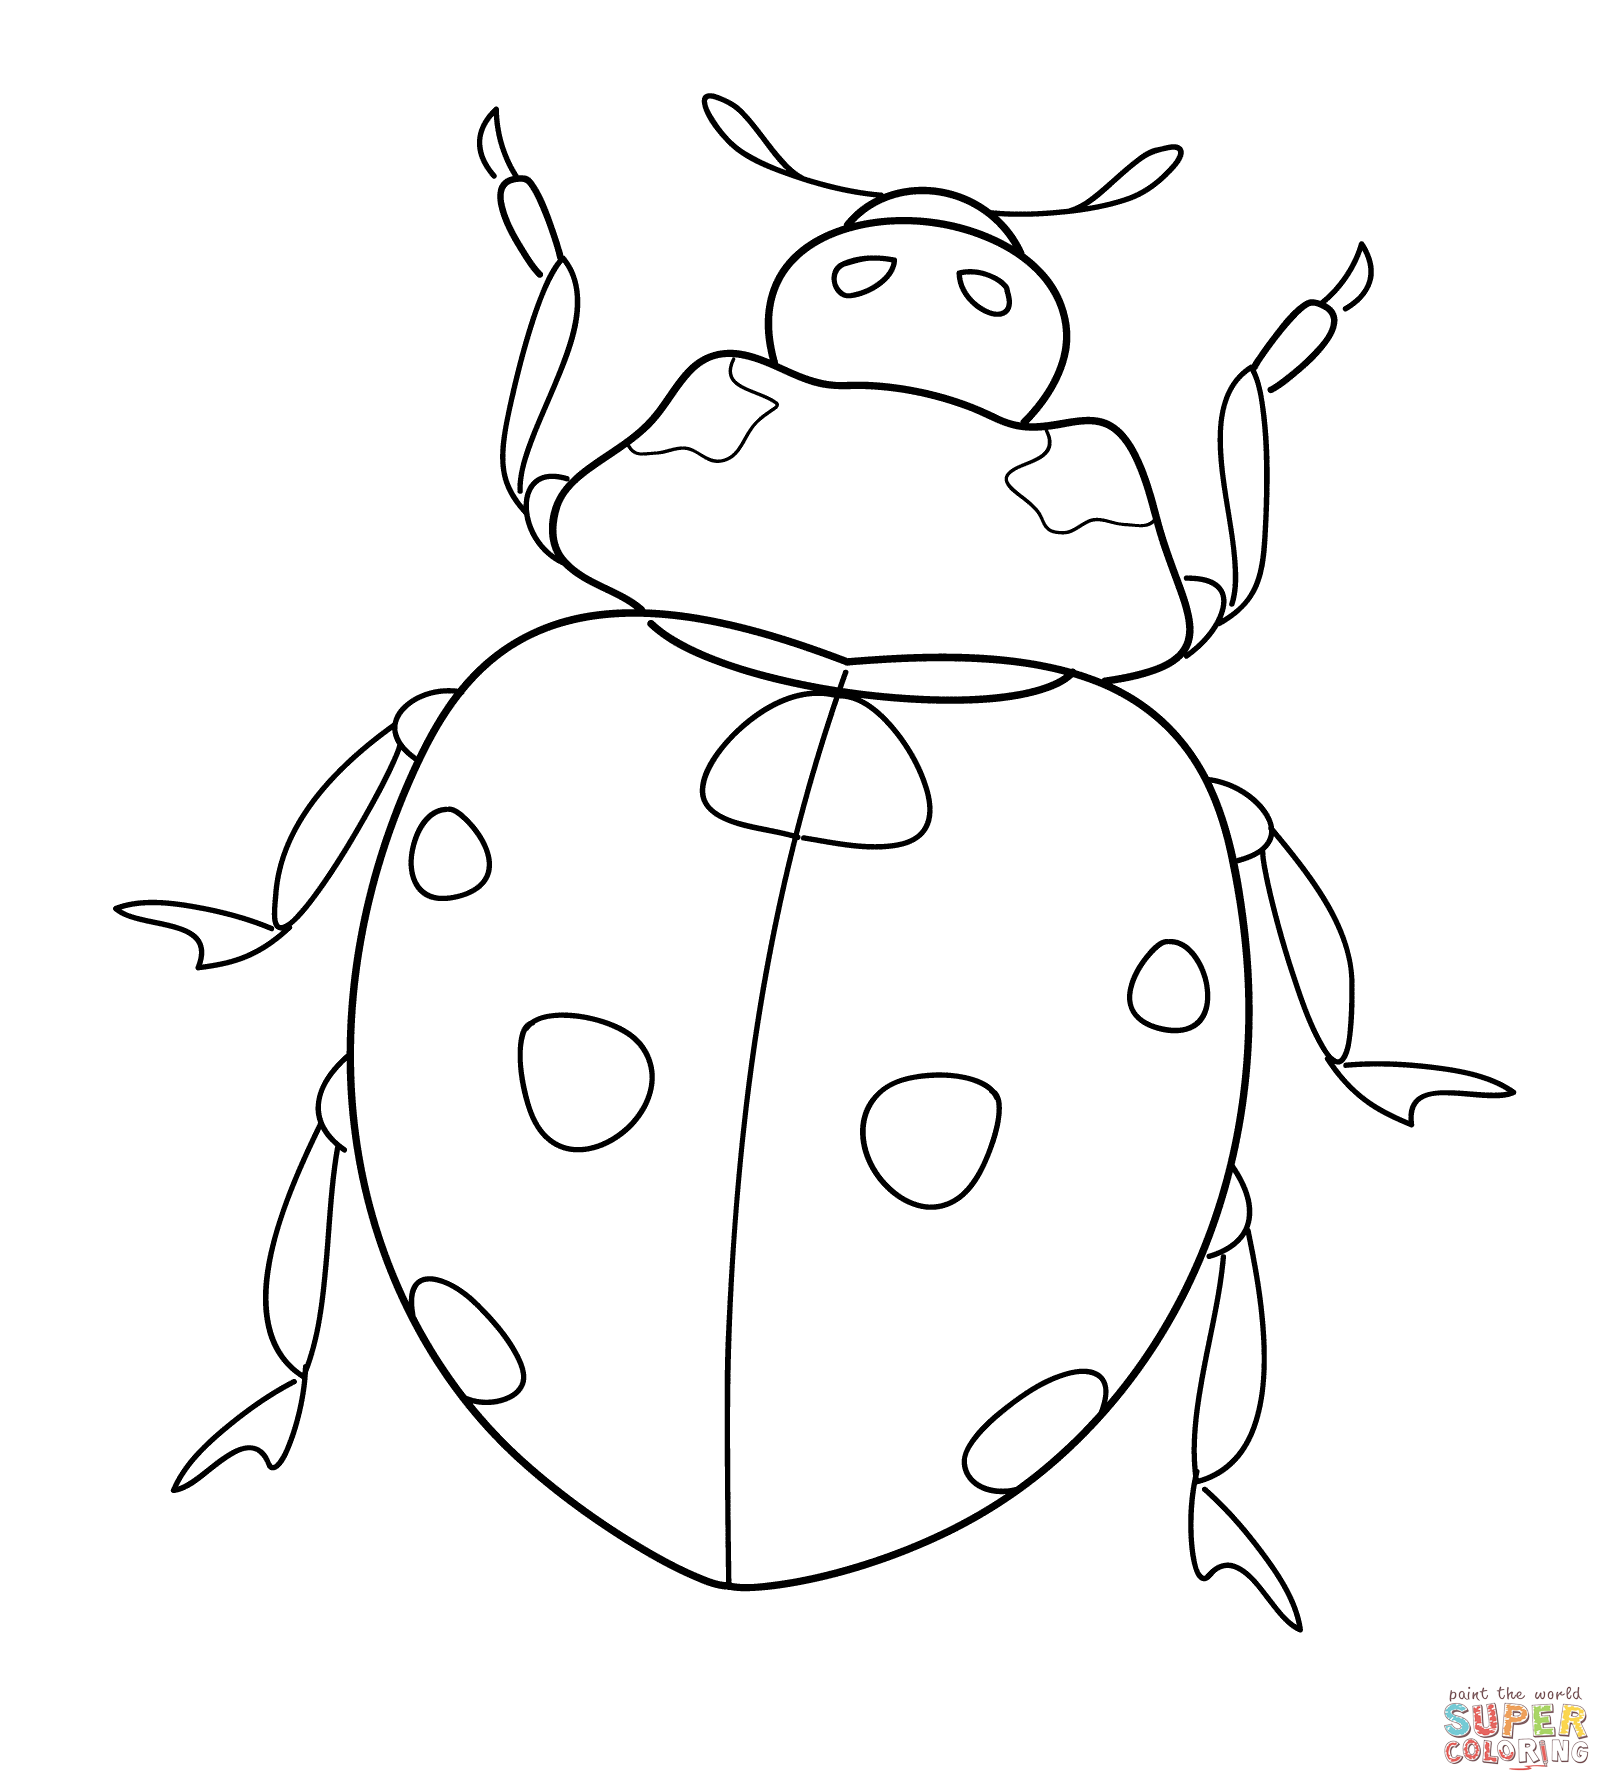 Ladybug drawings for kids - photo#36